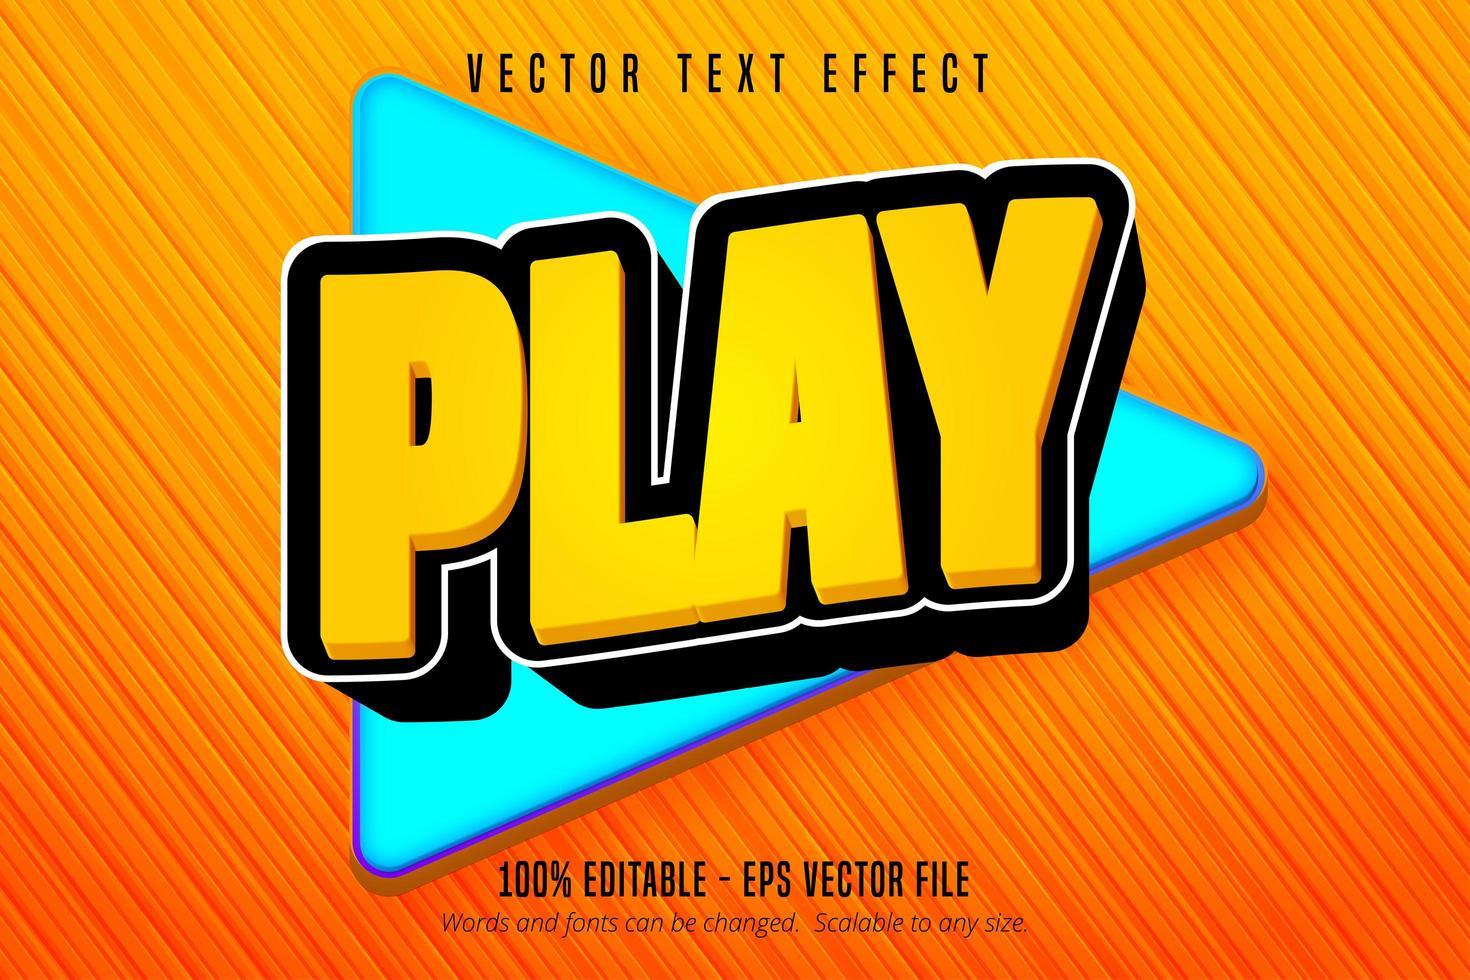 jouer du texte, effet de texte modifiable de style de jeu de dessin animé vecteur